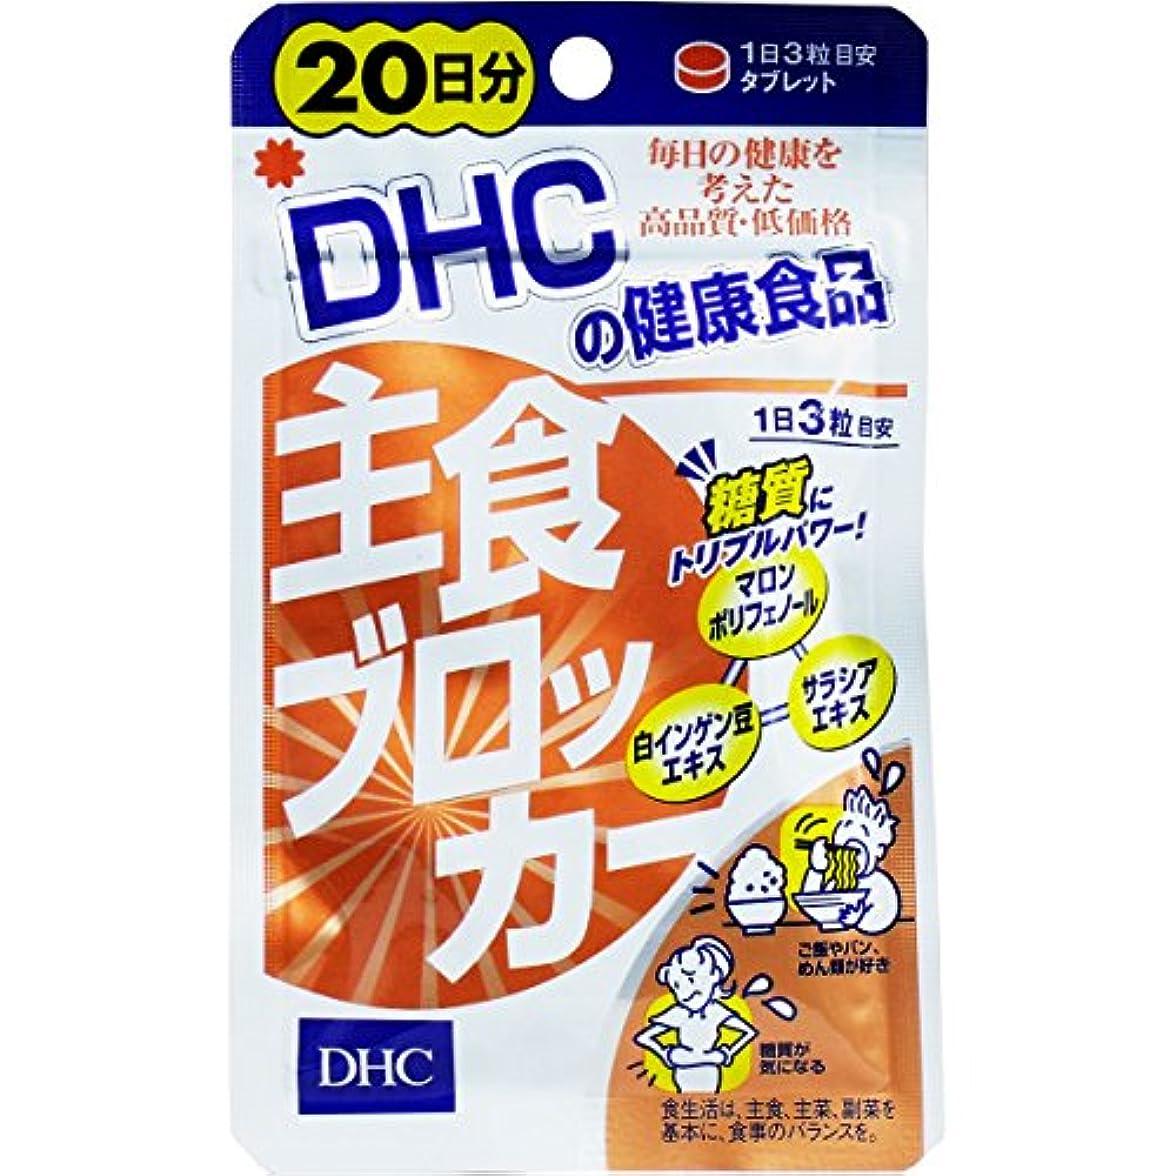 グレートバリアリーフ悩みアライメント【DHC】主食ブロッカー 20日分 60粒 ×10個セット